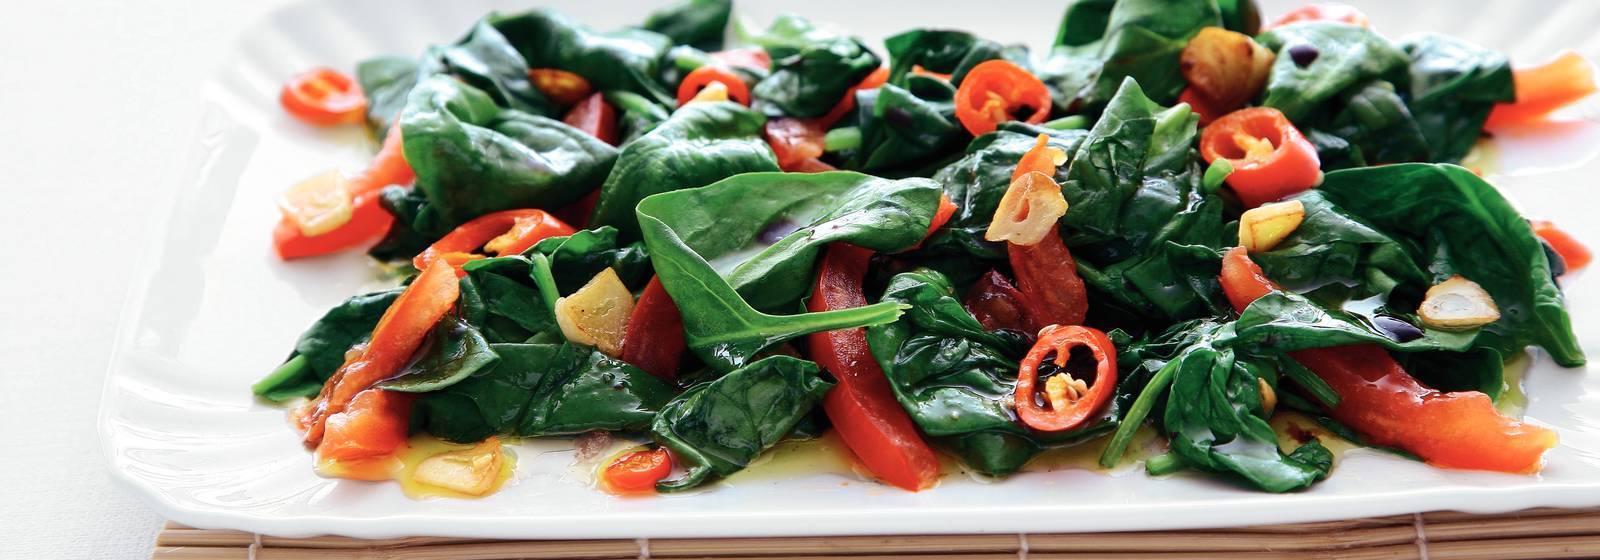 Kırmızı biber ve domates ile ıspanak